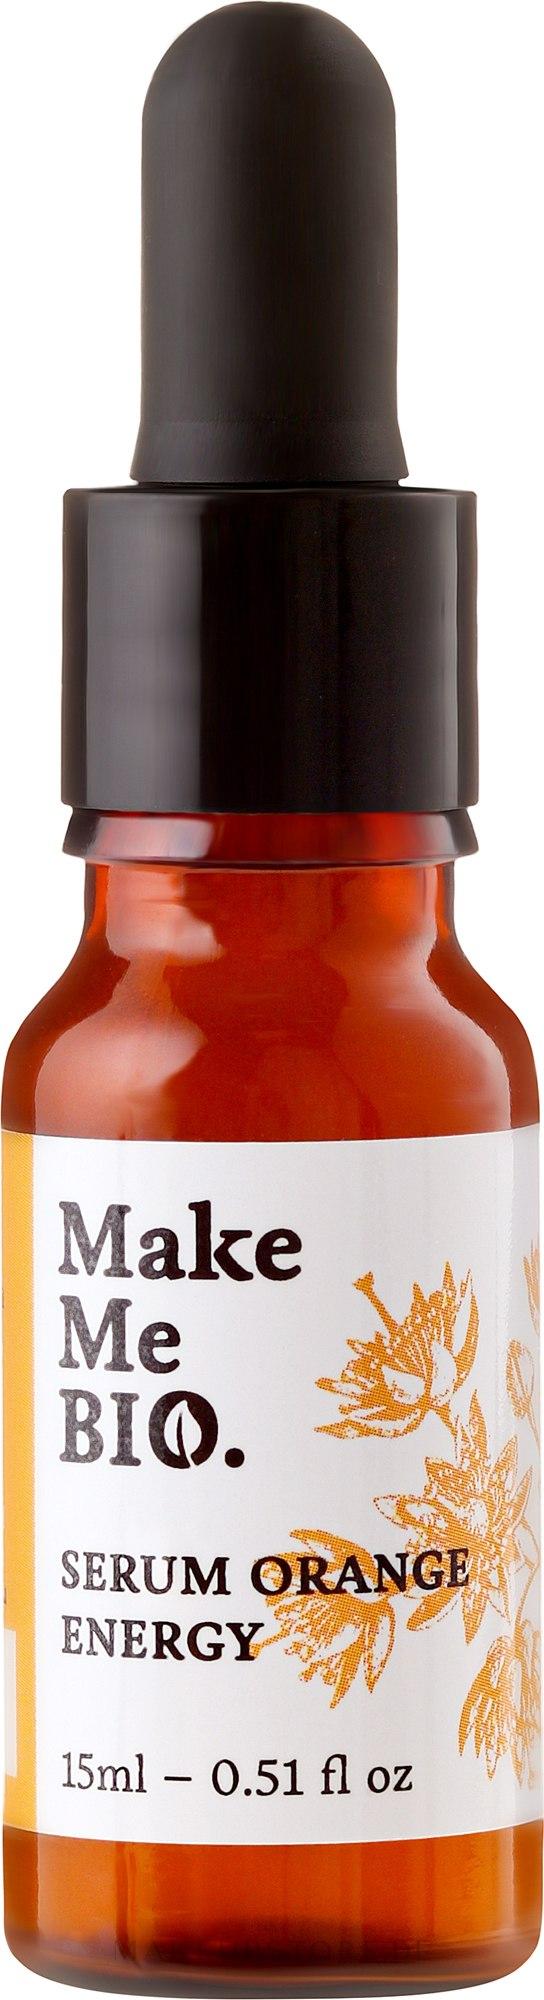 Gesichtsserum - Make Me Bio Serum Orange Energy — Bild 15 ml